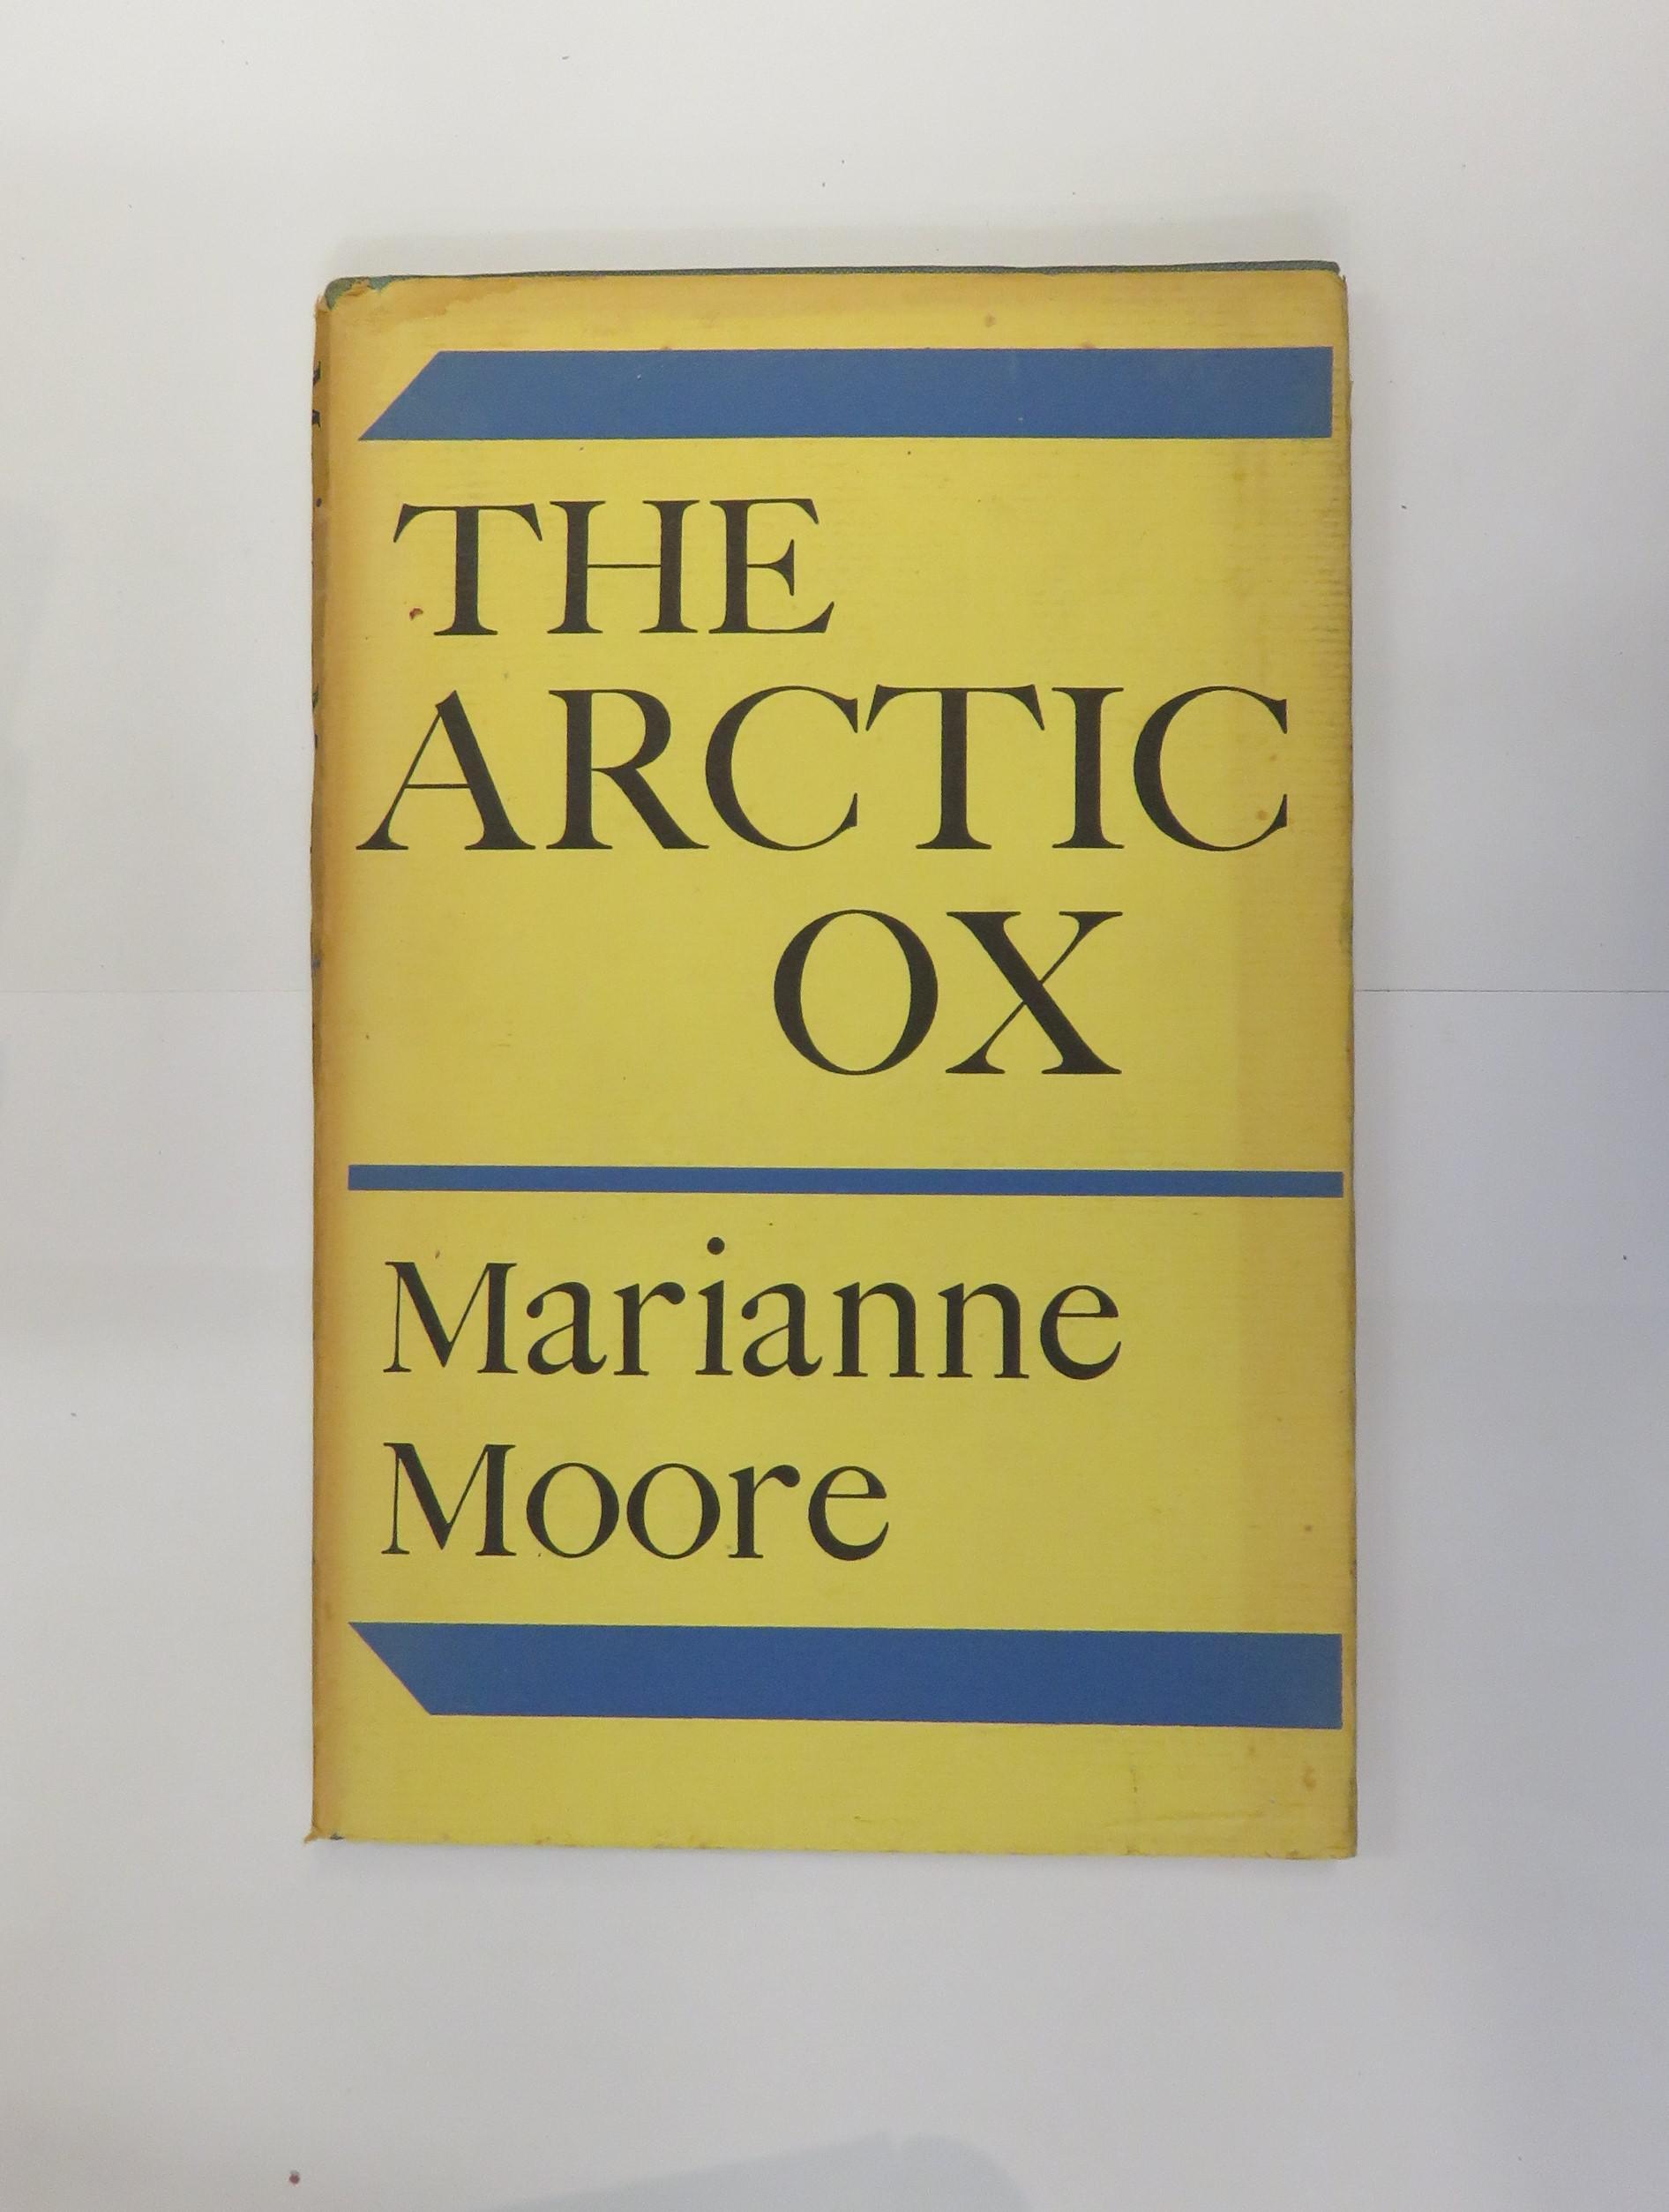 The Arctic Ox